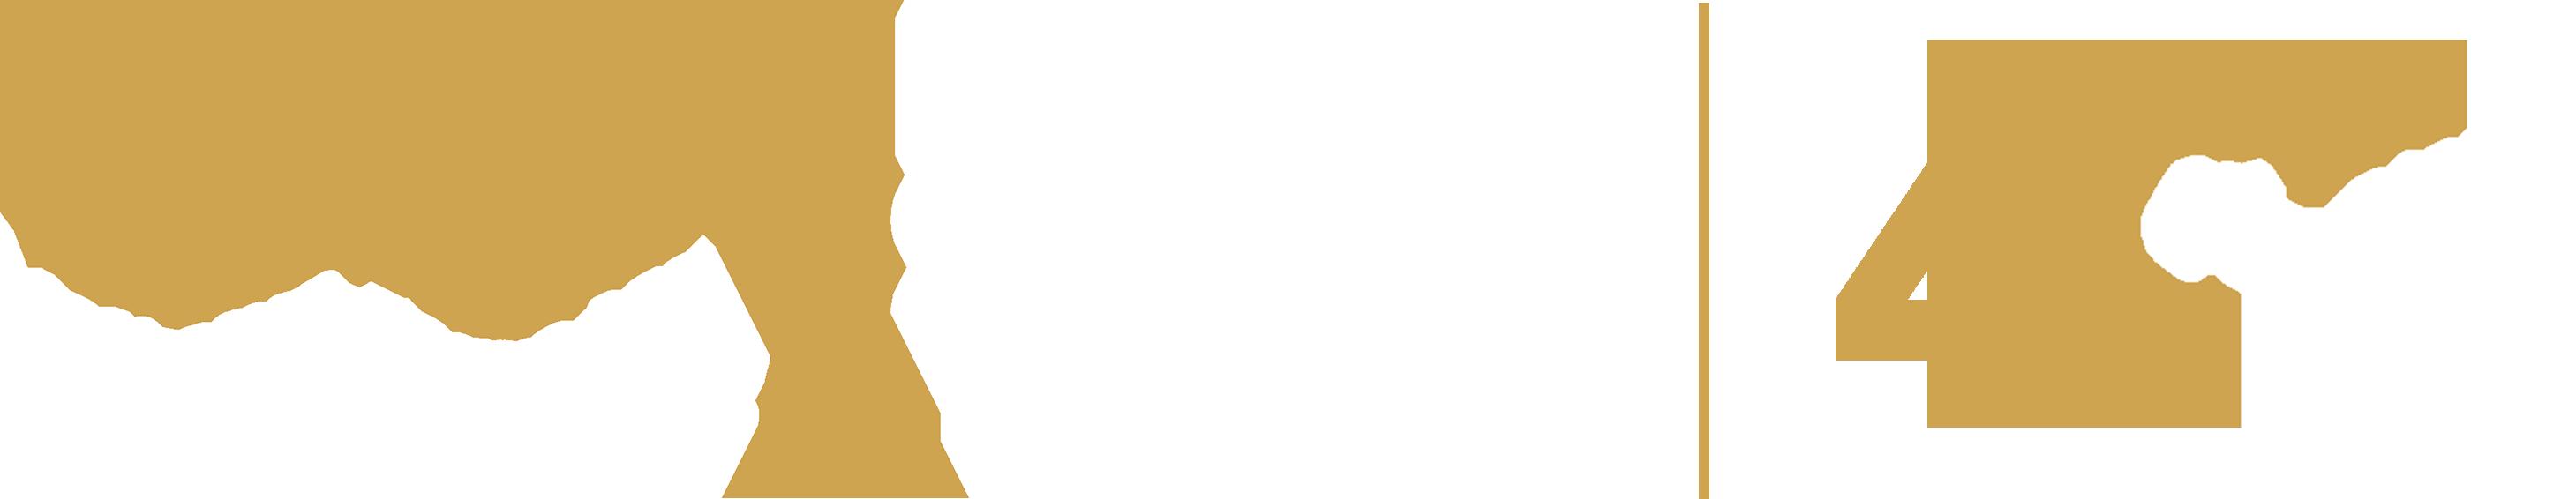 Leaders_Summit_gala_transparent